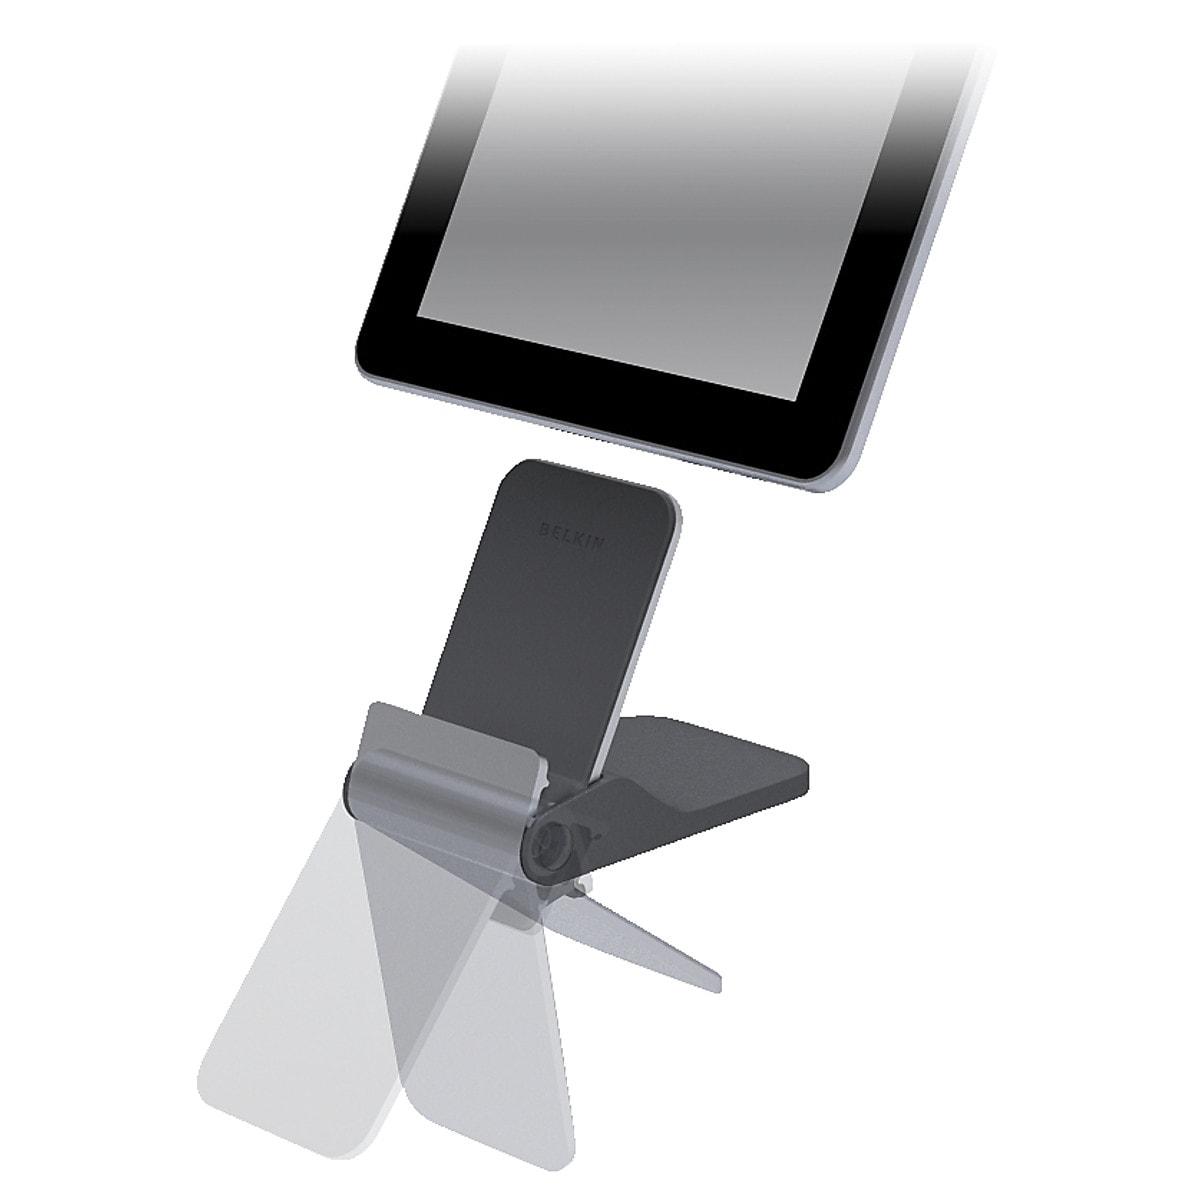 Ställ för iPad, Belkin FlipStand